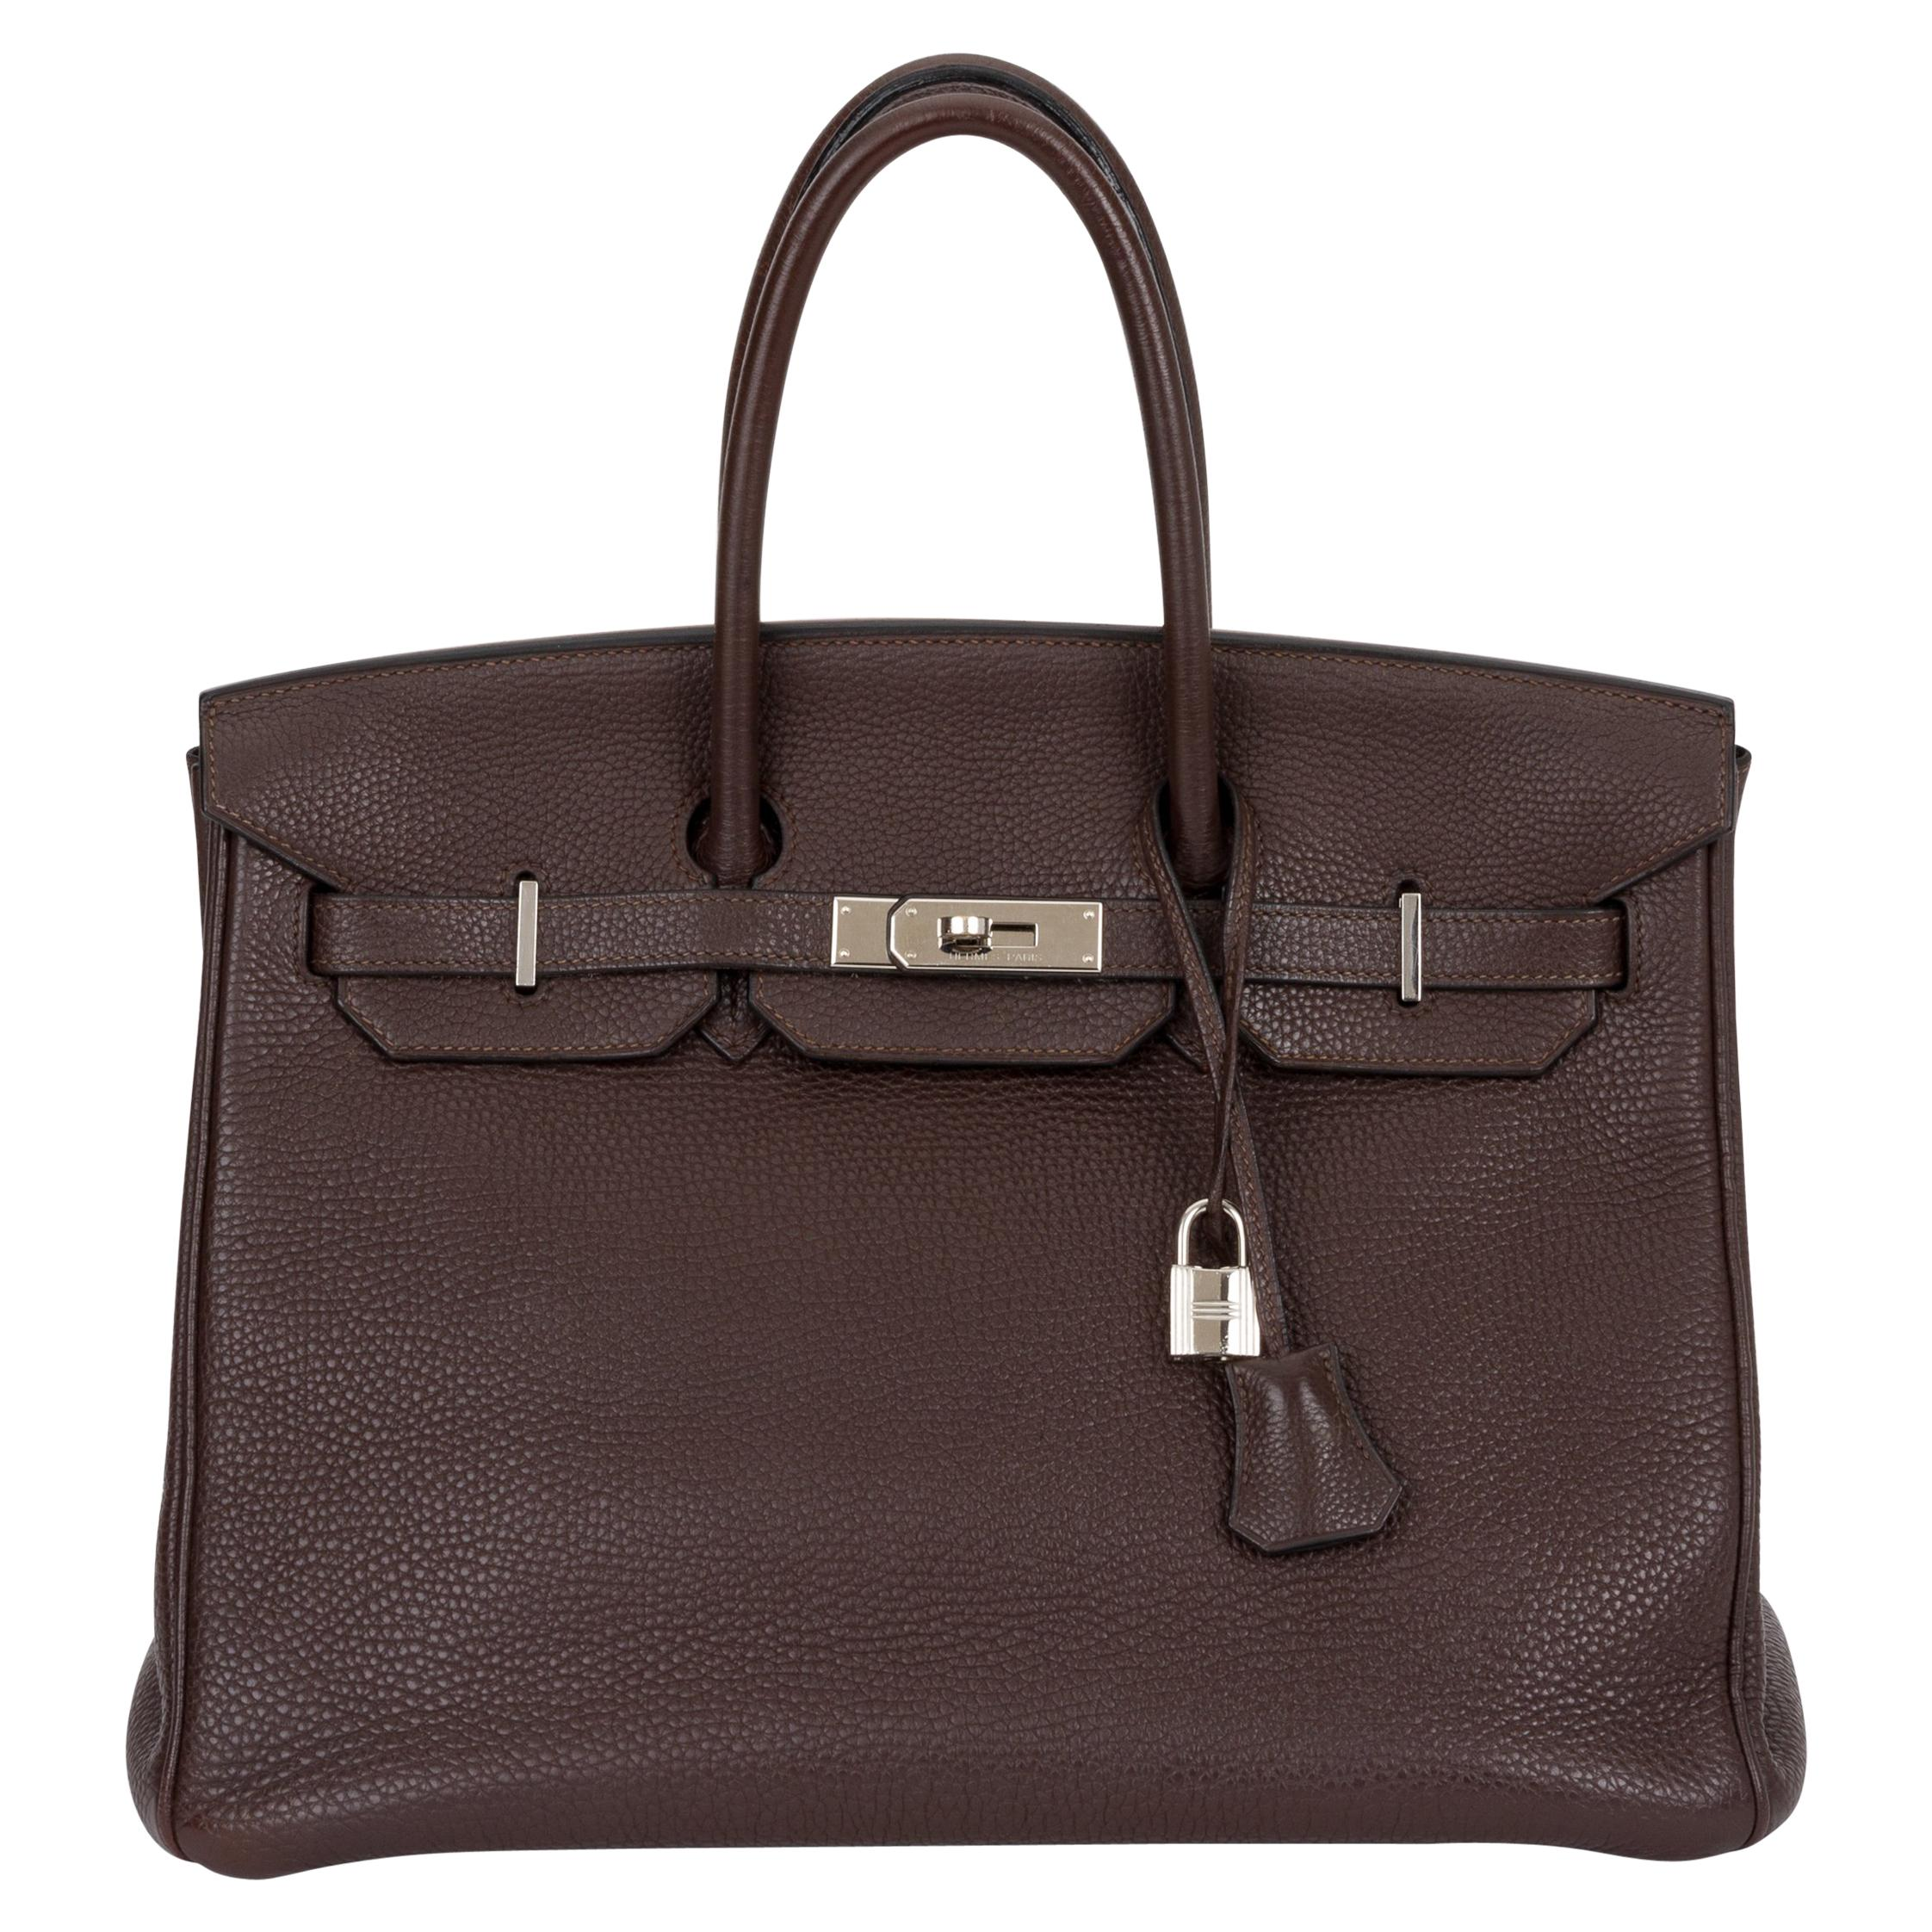 Hermes Birkin 35 Ebene Clemence Leather Bag